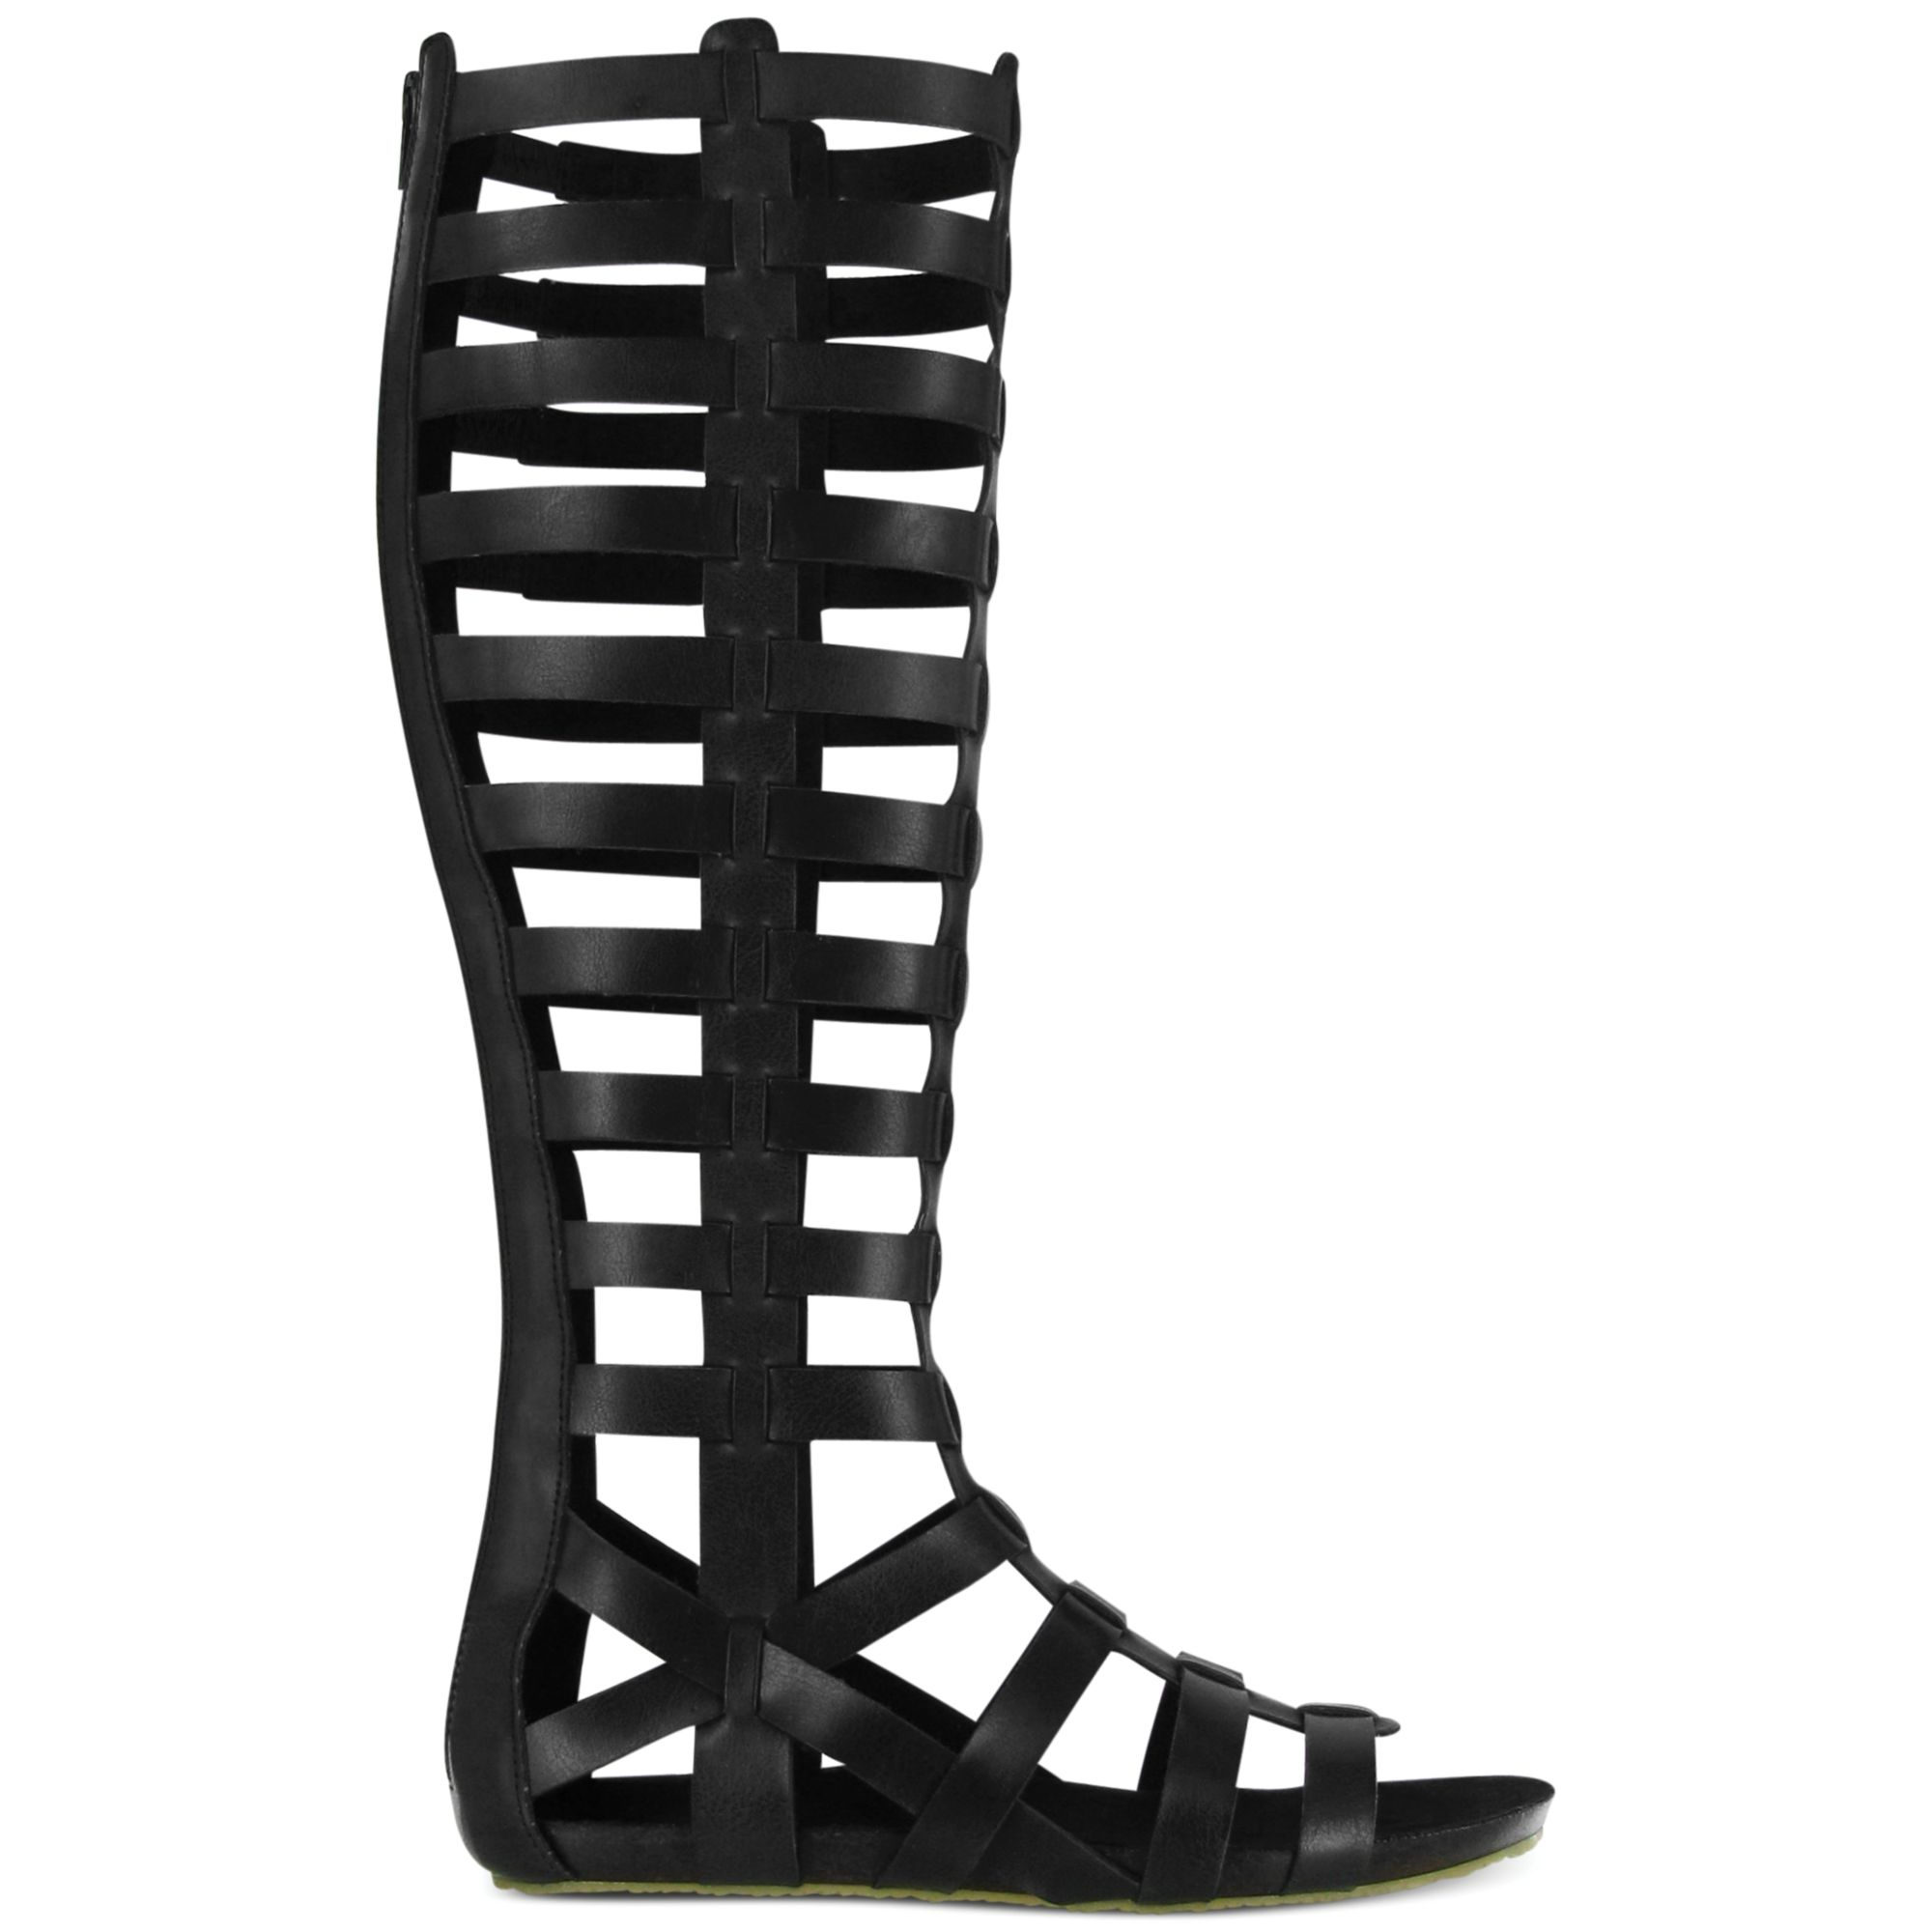 a3fc716773a Lyst - MIA Glitterati Tall Gladiator Sandals in Black